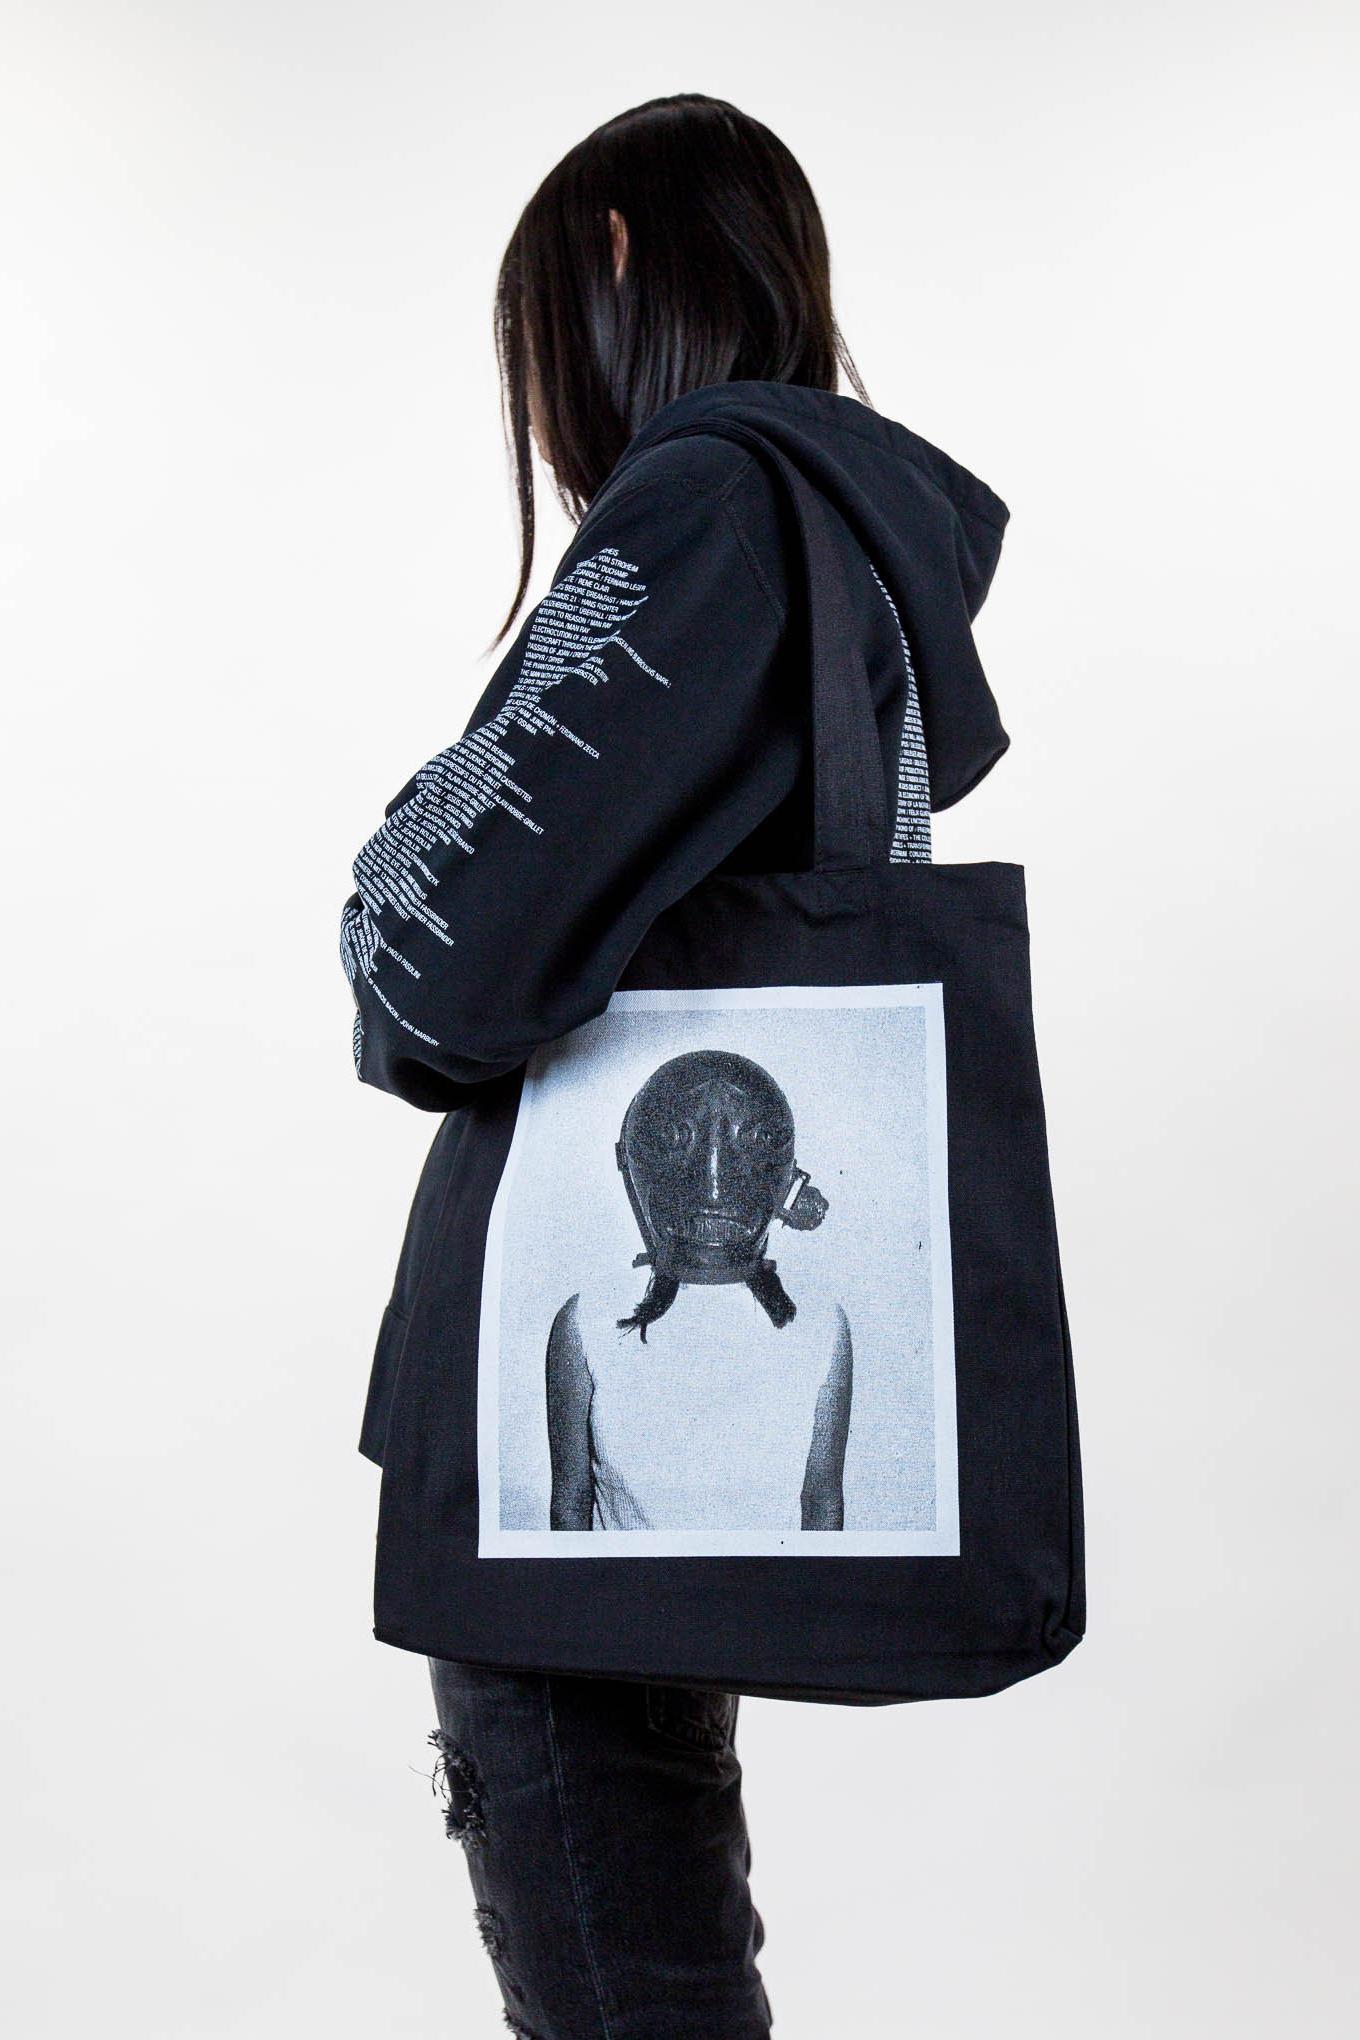 Yang Li SAMIZDAT T-shirt Hoodie Tote Lighter - 1844522